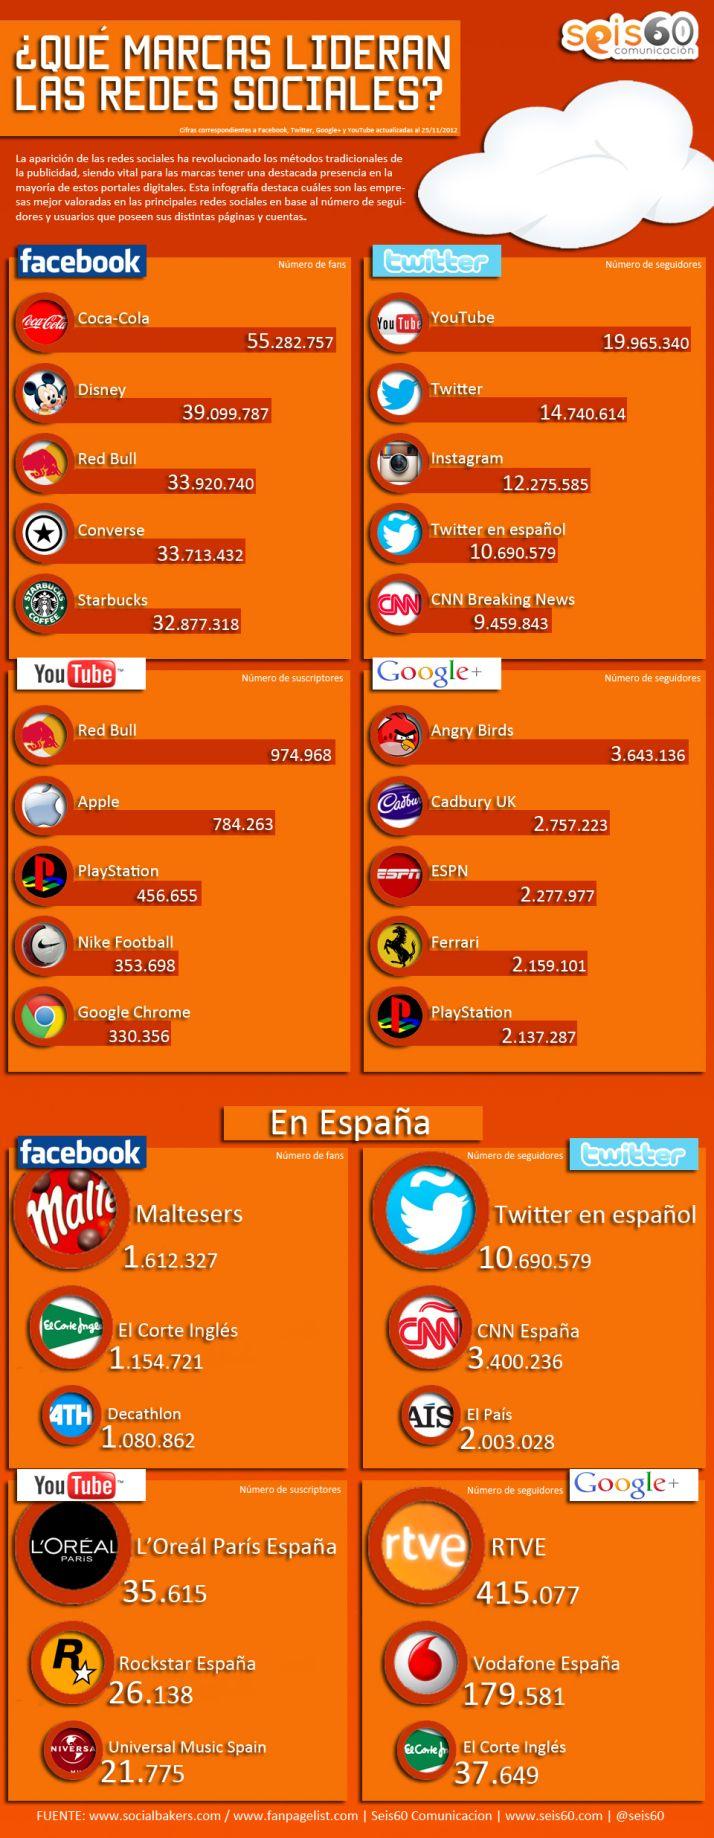 Qué marcas lideran las Redes Sociales #infografia #infographic #socialmedia #cpcr53